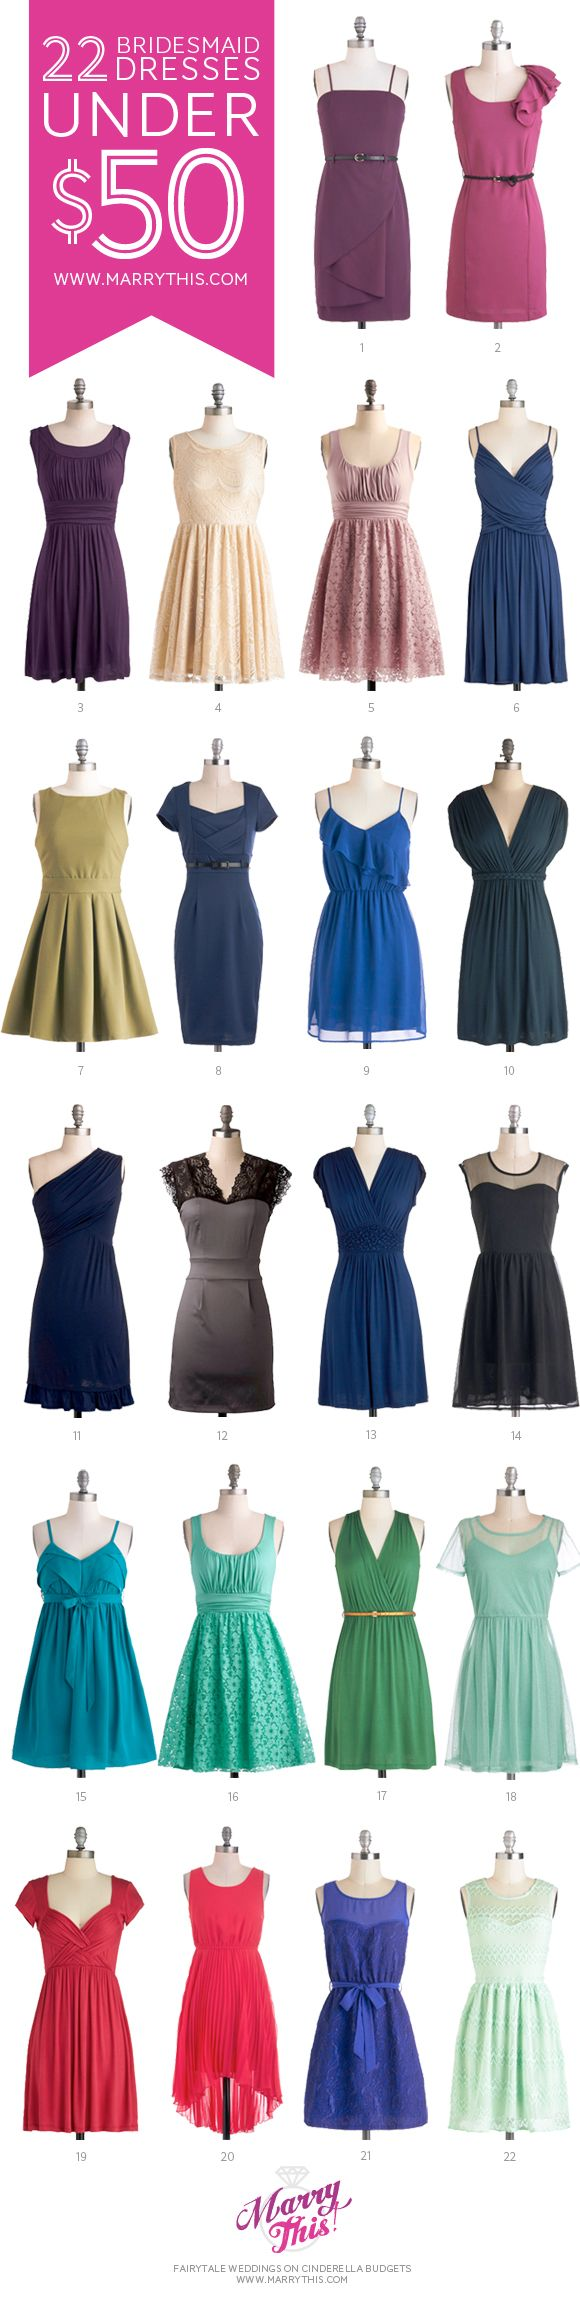 Bridesmaid Dresses Under $50